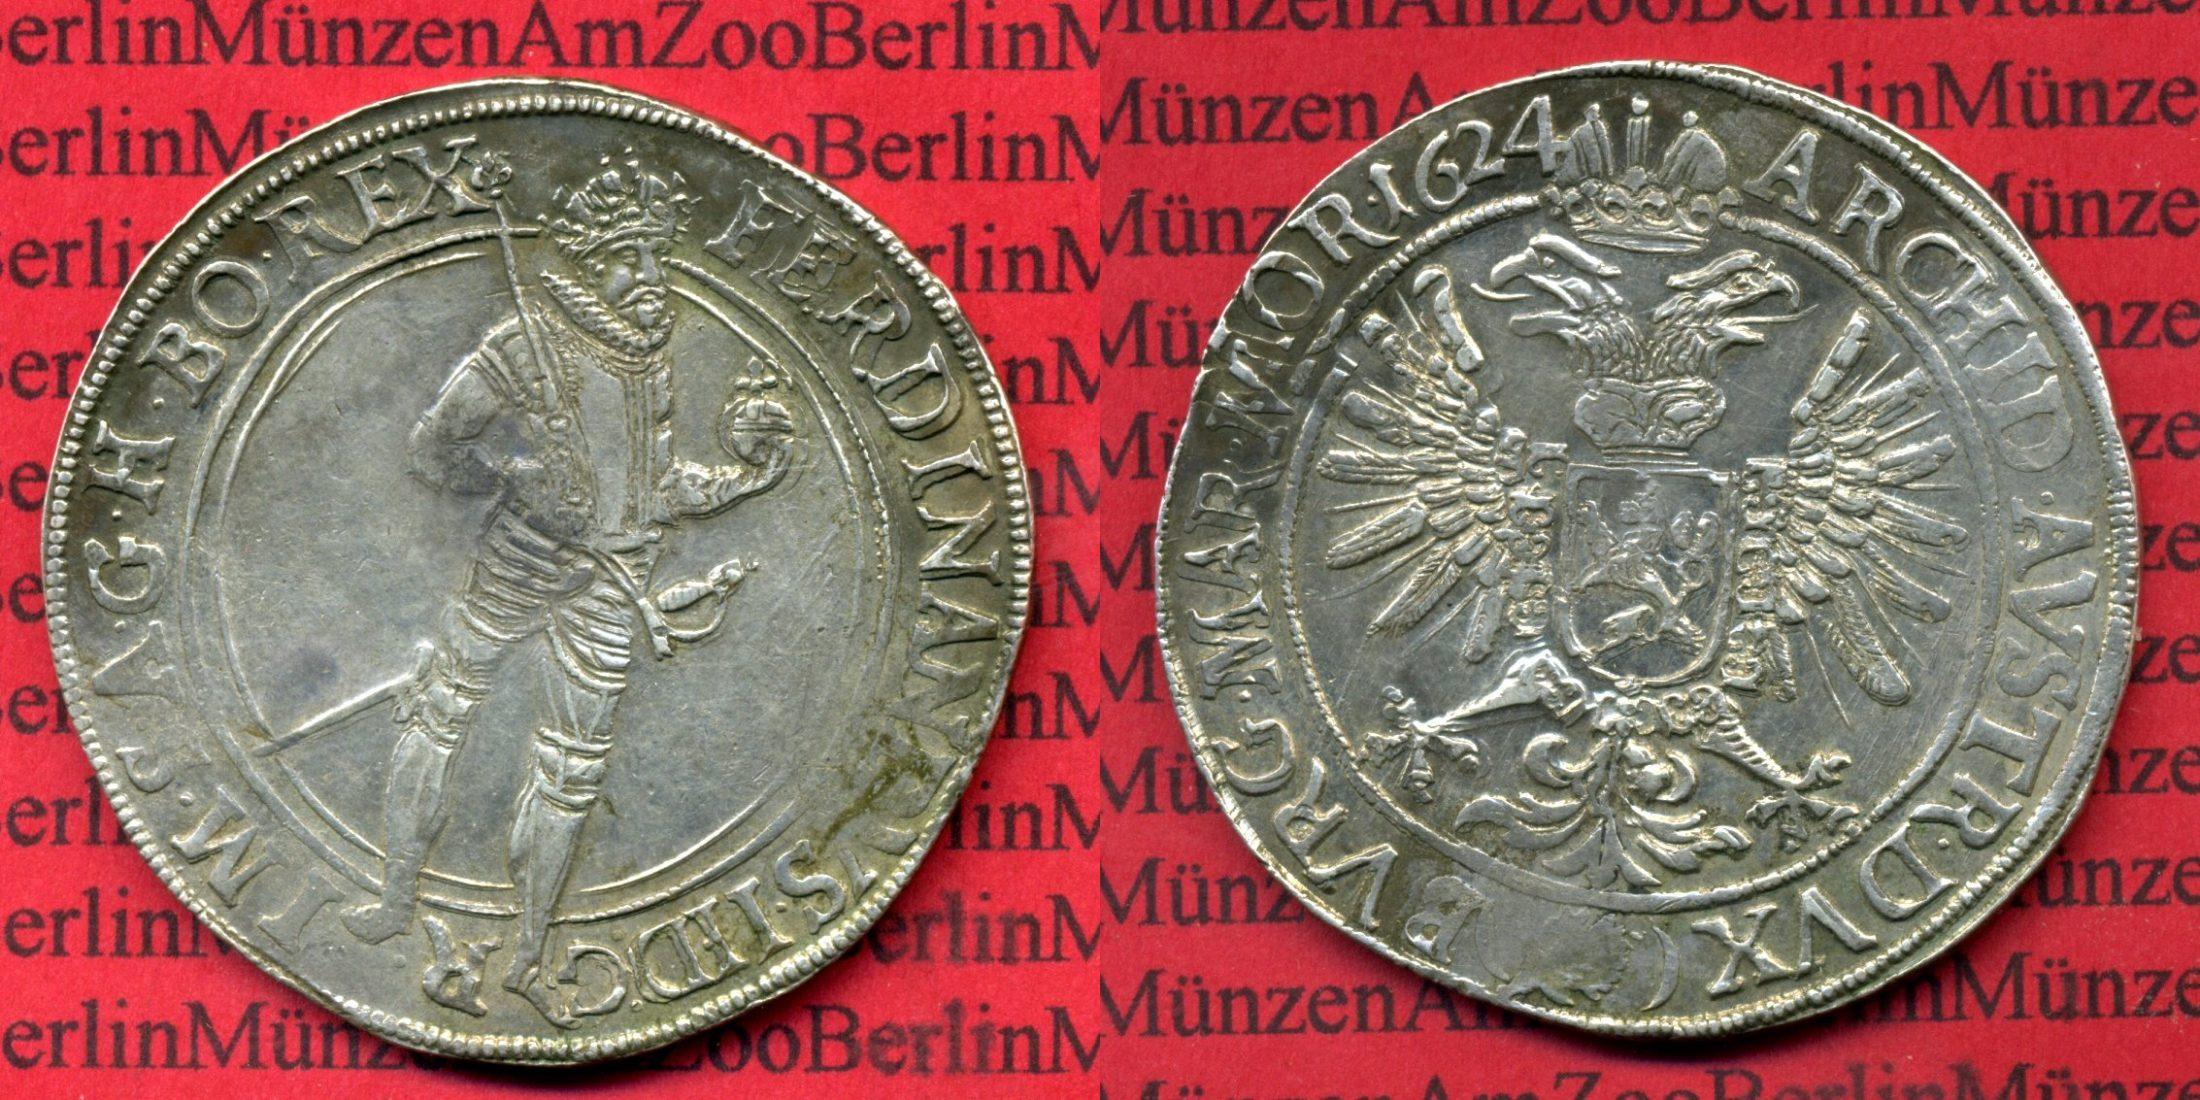 Taler Ferdinand II. Prag 1624 RDR Haus habsburg Österreich RDR Haus Habsburg Taler 1624 Ferdinand II. Prag, Dav. 3136 sehr schön-vorzüglich nicht gereinigt